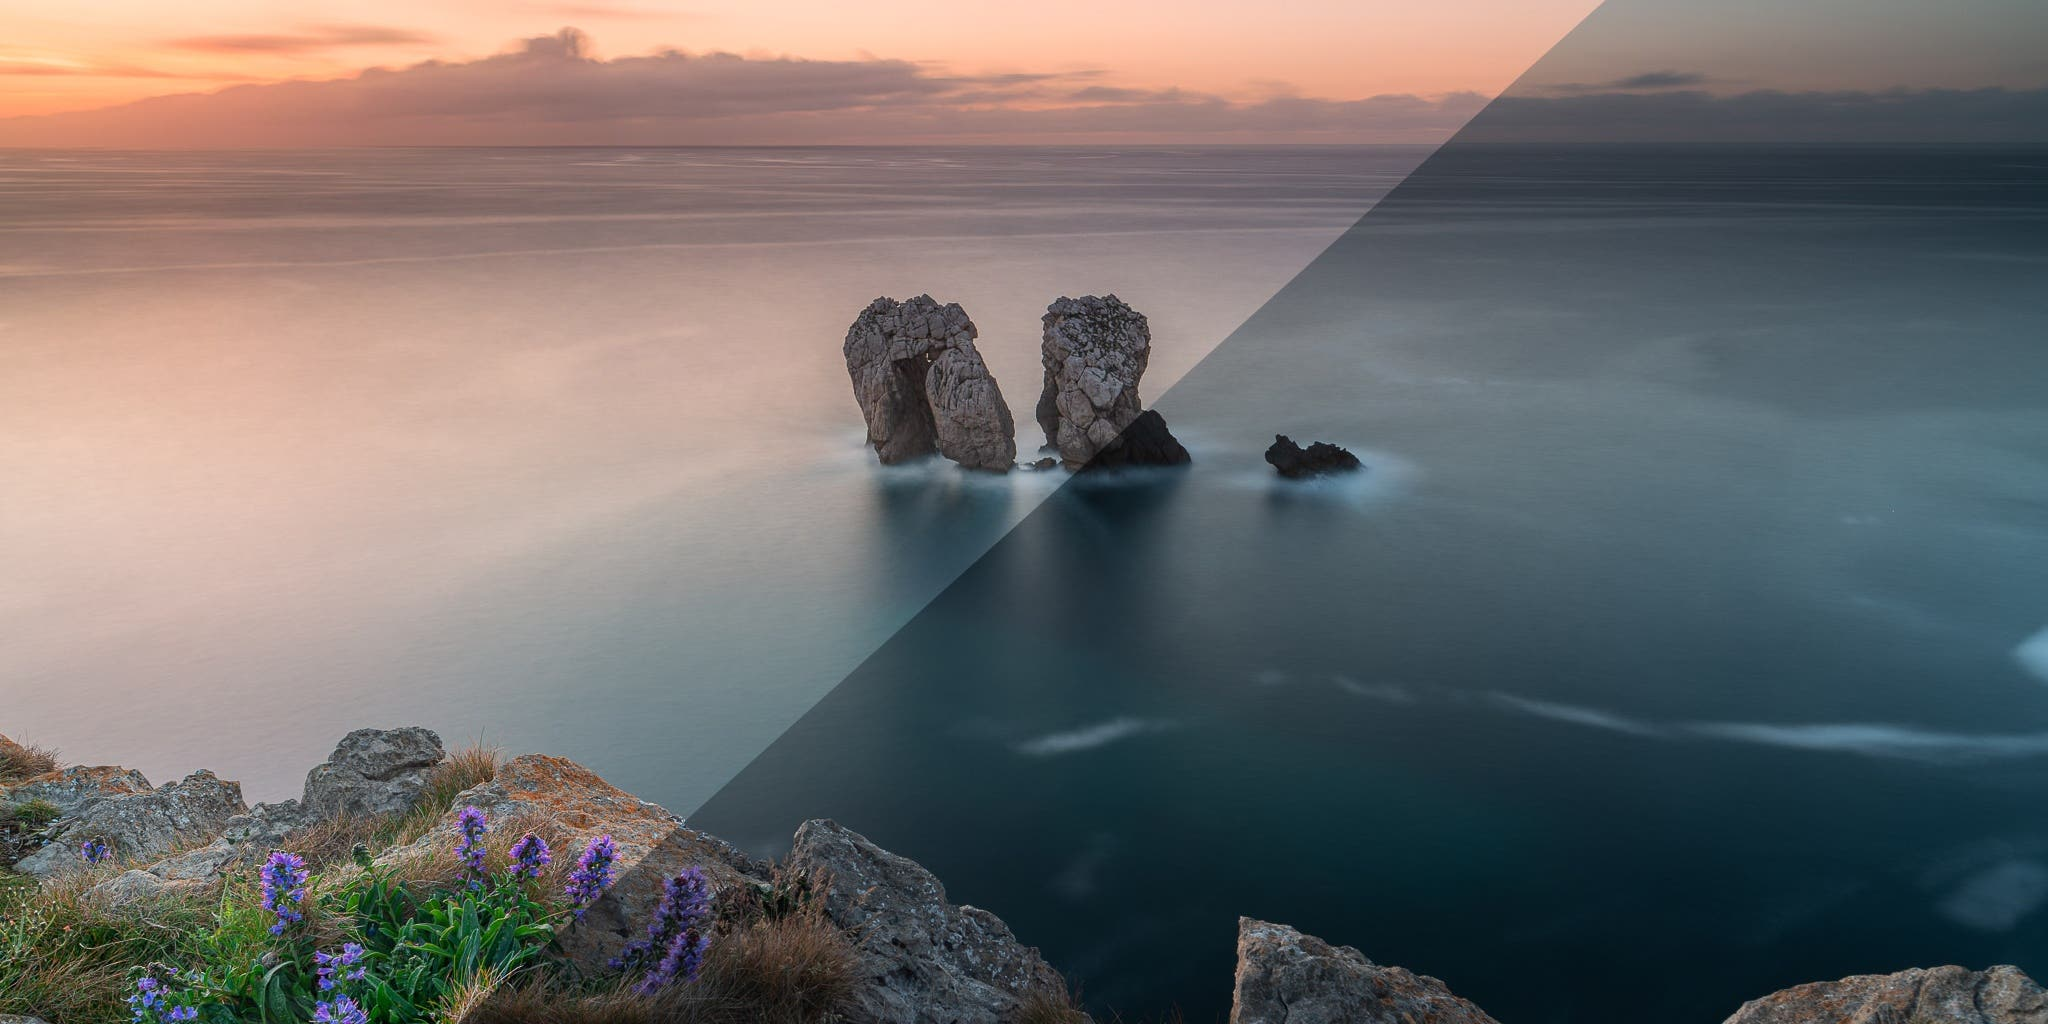 Dalla A alla Z - Post Produzione con Francesco Gola: tramonto in Spagna